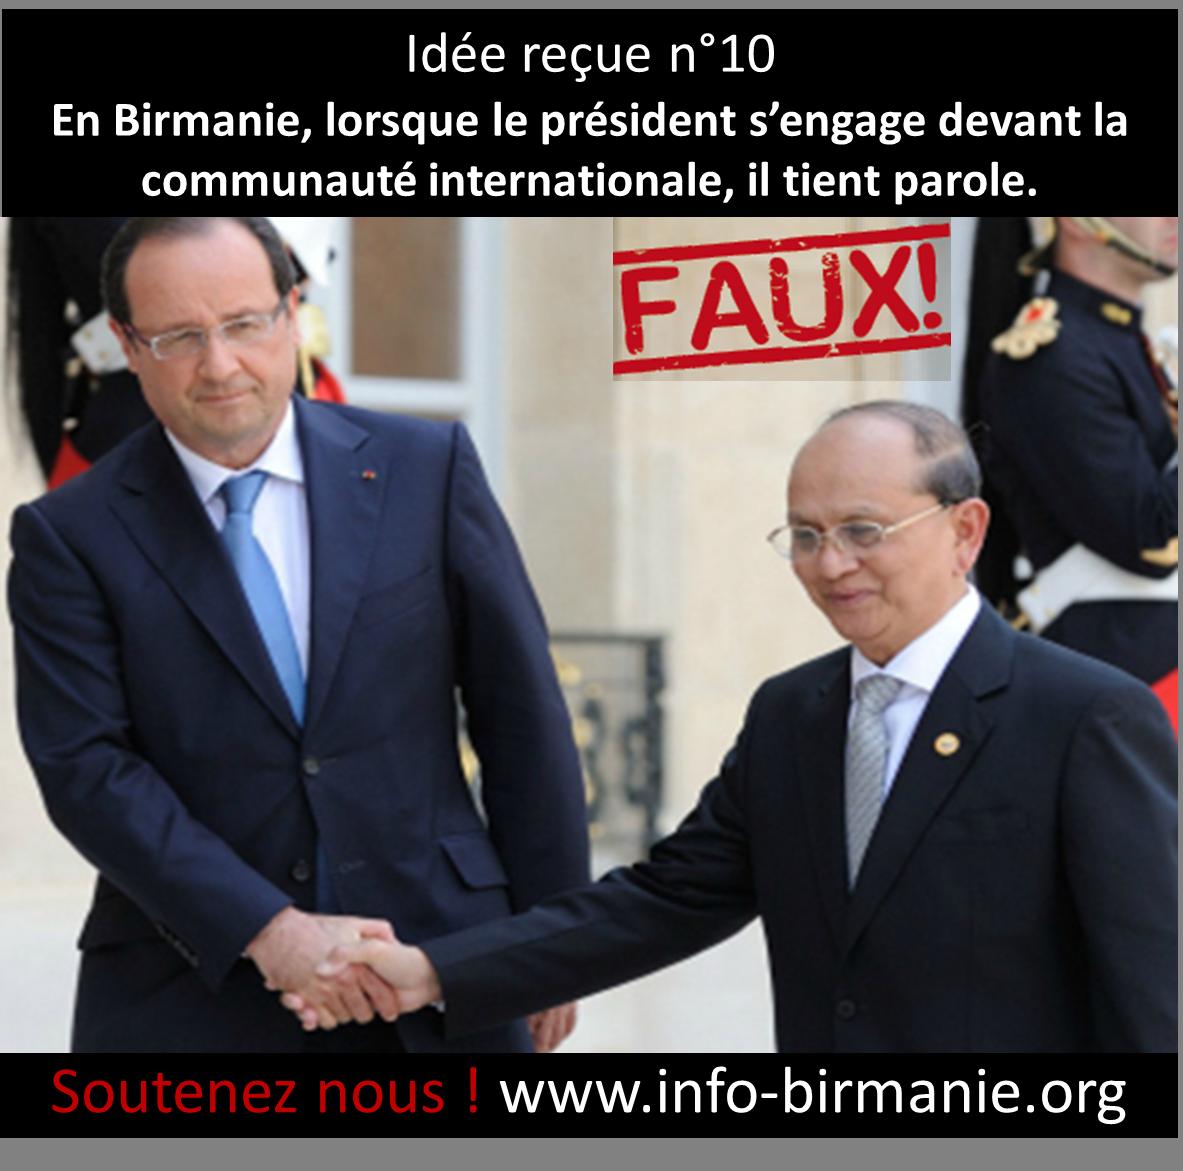 Idée reçue n°10 :  En Birmanie, lorsque le  président s'engage devant la communauté internationale, il tient parole